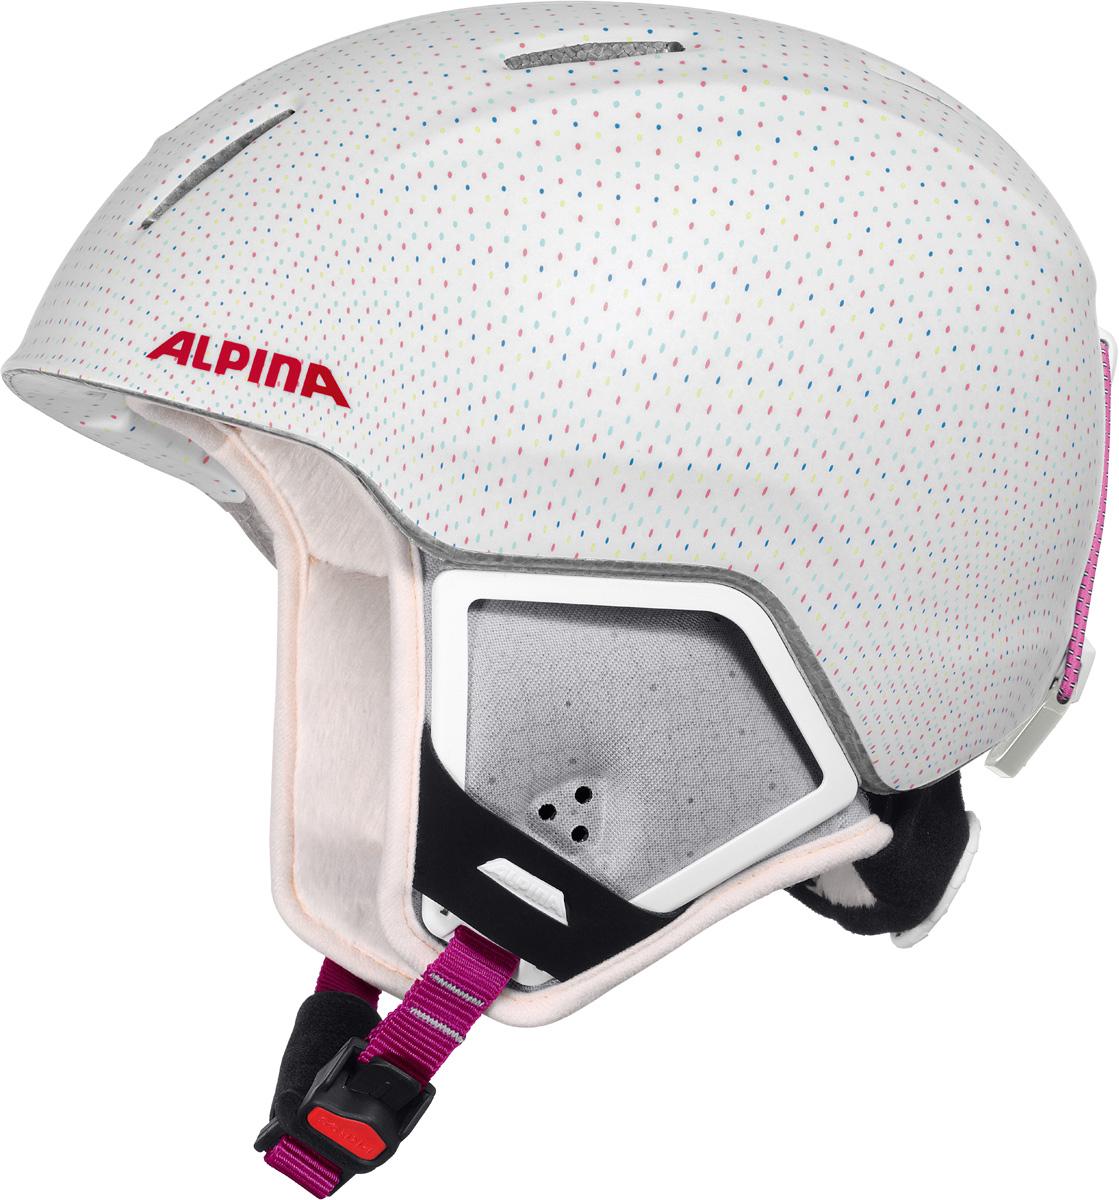 Шлем горнолыжный детский Alpina Carat XT, цвет: белый. A9080_11. Размер 51-55A9080_11Модификация популярнейшего детского горнолыжного шлема Carat с мягкими ушками, которые обеспечиваюь хорошую вентиляцию и не мешают слуху.• Вентиляционные отверстия препятствуют перегреву и позволяют поддерживать идеальную температуру внутри шлема. Для этого инженеры Alpina используют эффект Вентури, чтобы сделать циркуляцию воздуха постоянной и максимально эффективной.• Внутренник шлема легко вынимается, стирается, сушится и вставляется обратно.• Из задней части шлема можно достать шейный утеплитель из мякого микро-флиса. Этот теплый воротник также защищает шею от ударов на высокой скорости и при сибирских морозах. В удобной конструкции отсутствуют точки давления на шею.• Прочная и лёгкая конструкция In-mold. Тонкая и прочная поликарбонатная оболочка под воздействием высокой температуры и давления буквально сплавляется с гранулами EPS, которые гасят ударную нагрузку.• Внутренная оболочка каждого шлема Alpina состоит из гранул HI-EPS (сильно вспененного полистирола). Микроскопические воздушные карманы эффективно поглощают ударную нагрузку и обеспечивают высокую теплоизоляцию. Эта технология позволяет достичь минимальной толщины оболочки. А так как гранулы HI-EPS не впитывают влагу, их защитный эффект не ослабевает со временем.• Удобная и точная система регулировки Run System Ergo Snow позволяет быстро и комфортно подогнать шлем по голове, без создания отдельных точек избыточного давления.• Y-образный ремнераспределитель двух ремешков находится под ухом и обеспечивает быструю и точную посадку шлема на голове.• Вместо фастекса на ремешке используется красная кнопка с автоматическим запирающим механизмом, которую легко использовать даже в лыжных перчатках. Механизм защищён от произвольного раскрытия при падении.